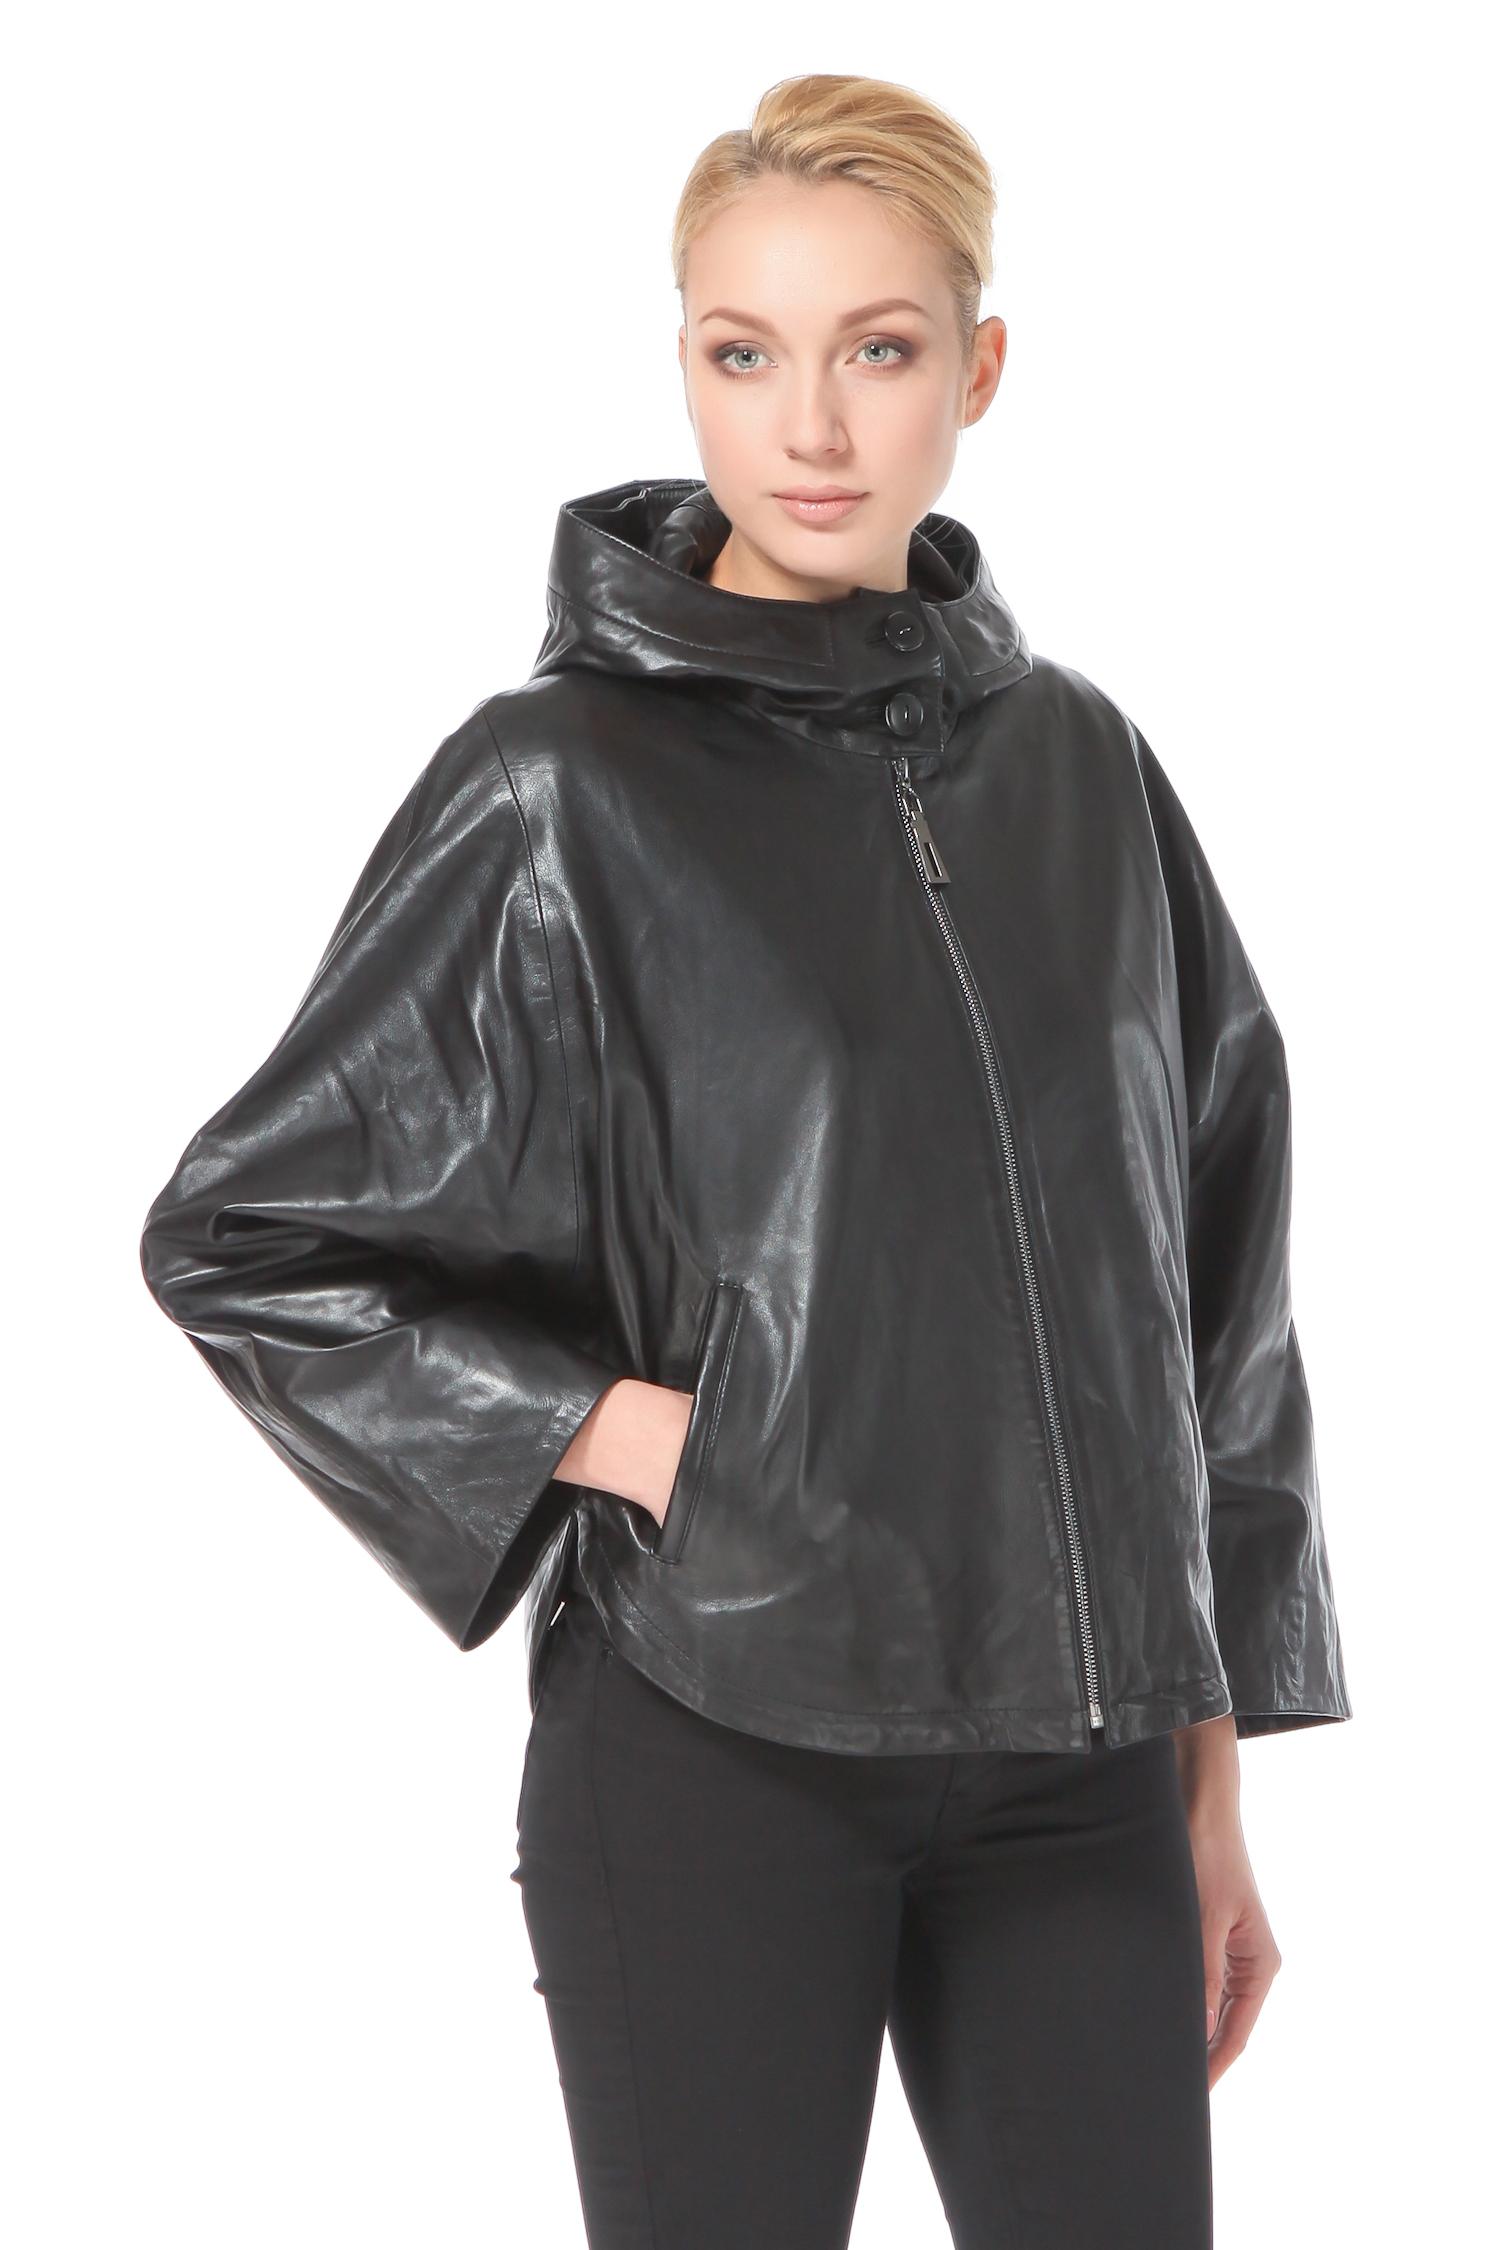 Женская кожаная куртка из натуральной кожи с капюшоном, отделка песец<br><br>Воротник: капюшон<br>Длина см: Короткая (51-74 )<br>Материал: Кожа овчина<br>Цвет: черный<br>Пол: Женский<br>Размер RU: 46